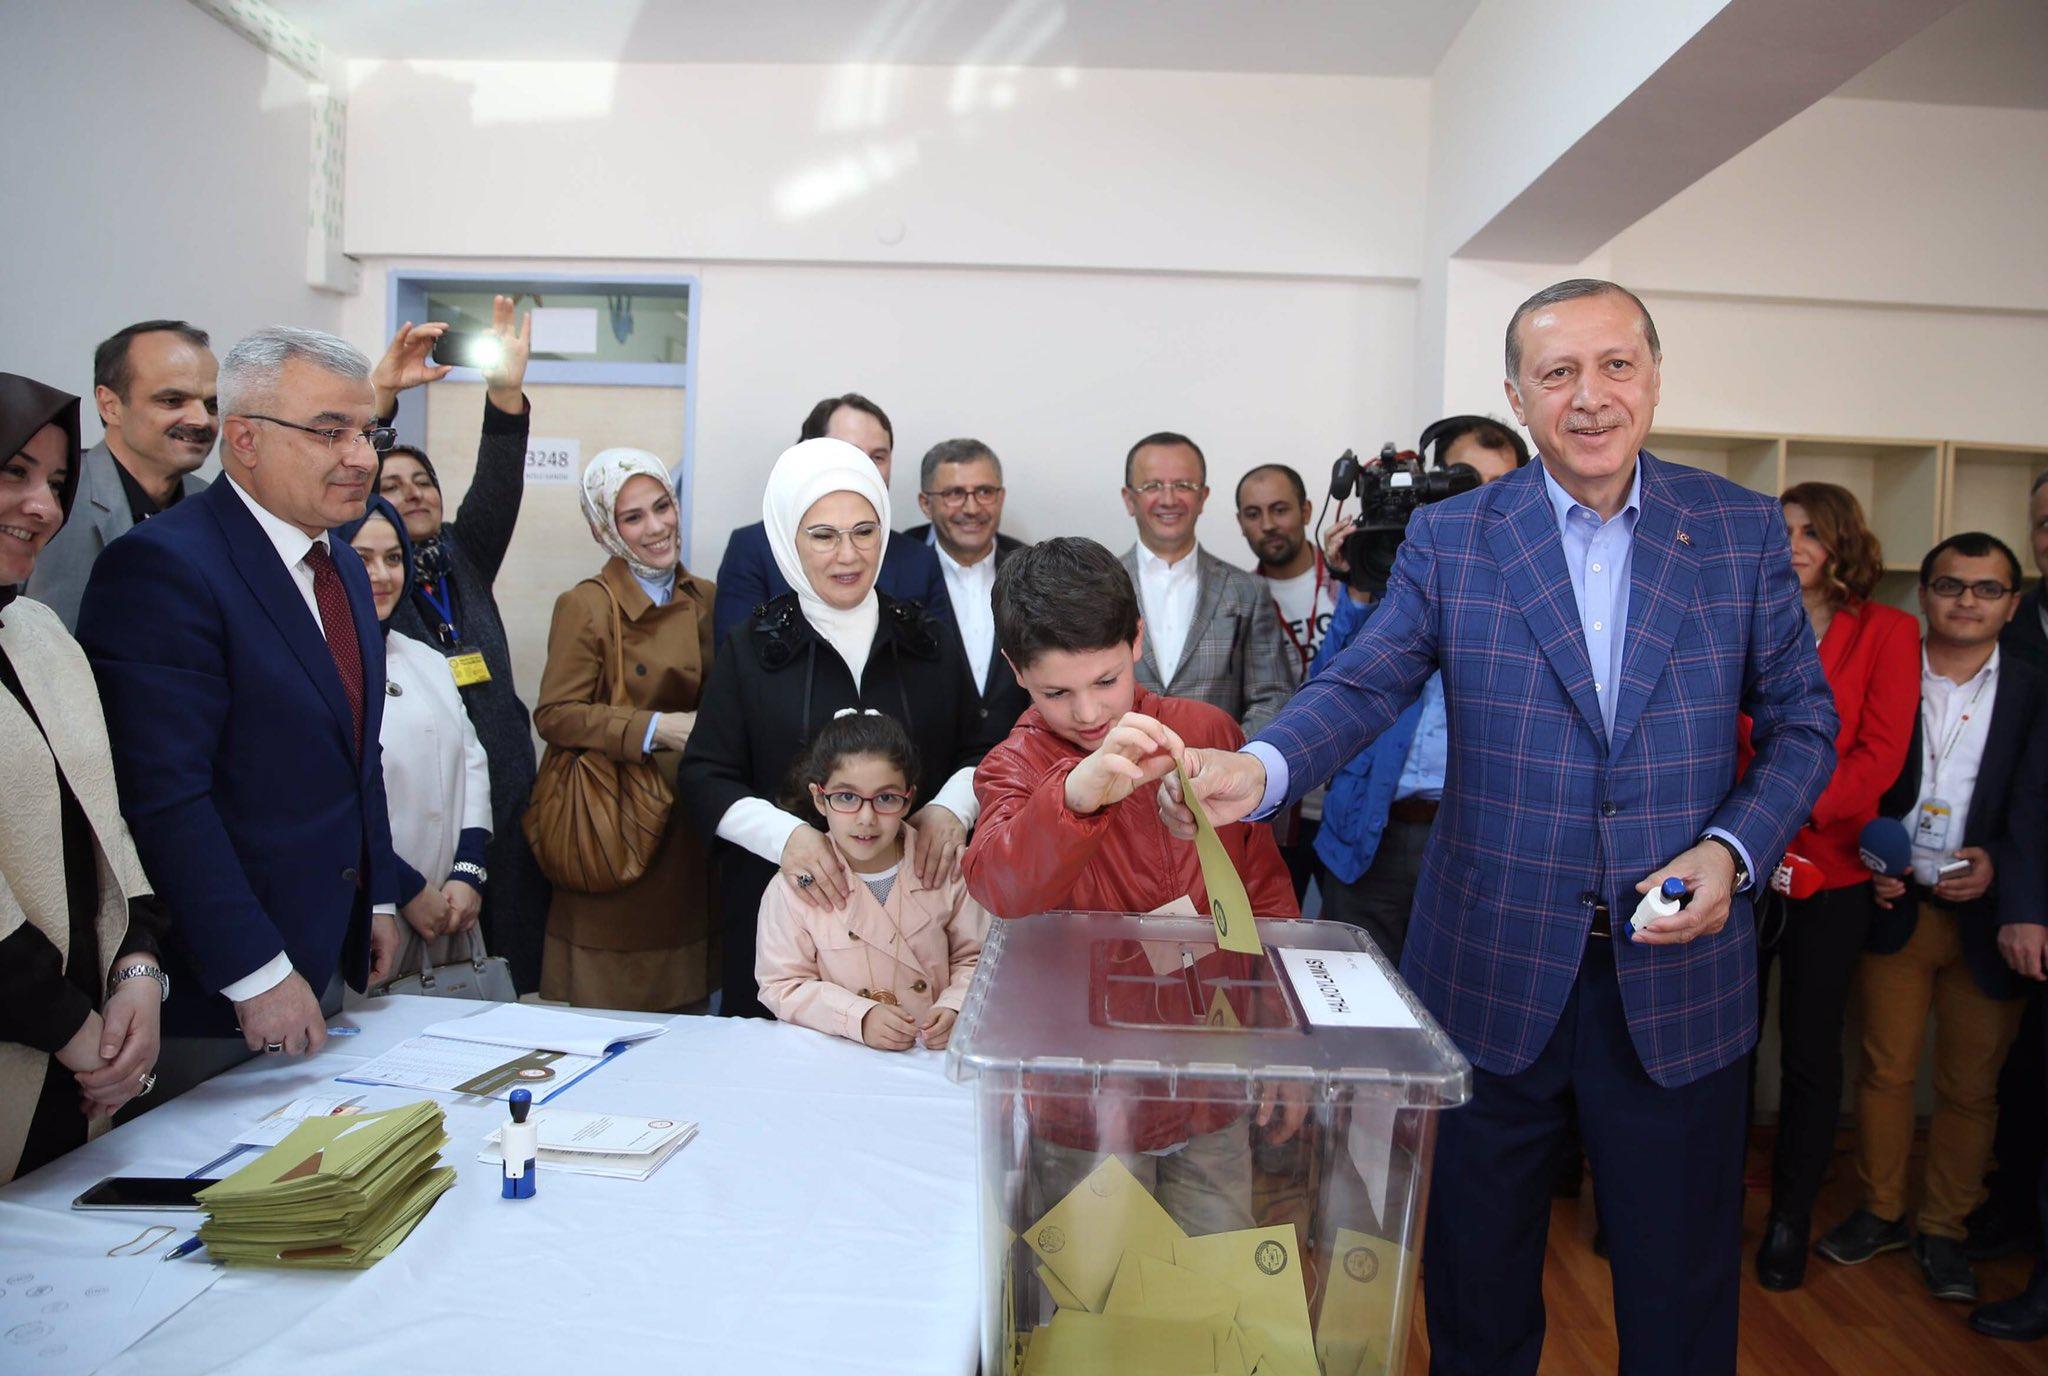 Daha büyük, daha güçlü, daha müreffeh, daha istikrarlı Türkiye için bir milat olması dileğiyle... https://t.co/UaZ6qZVEn5